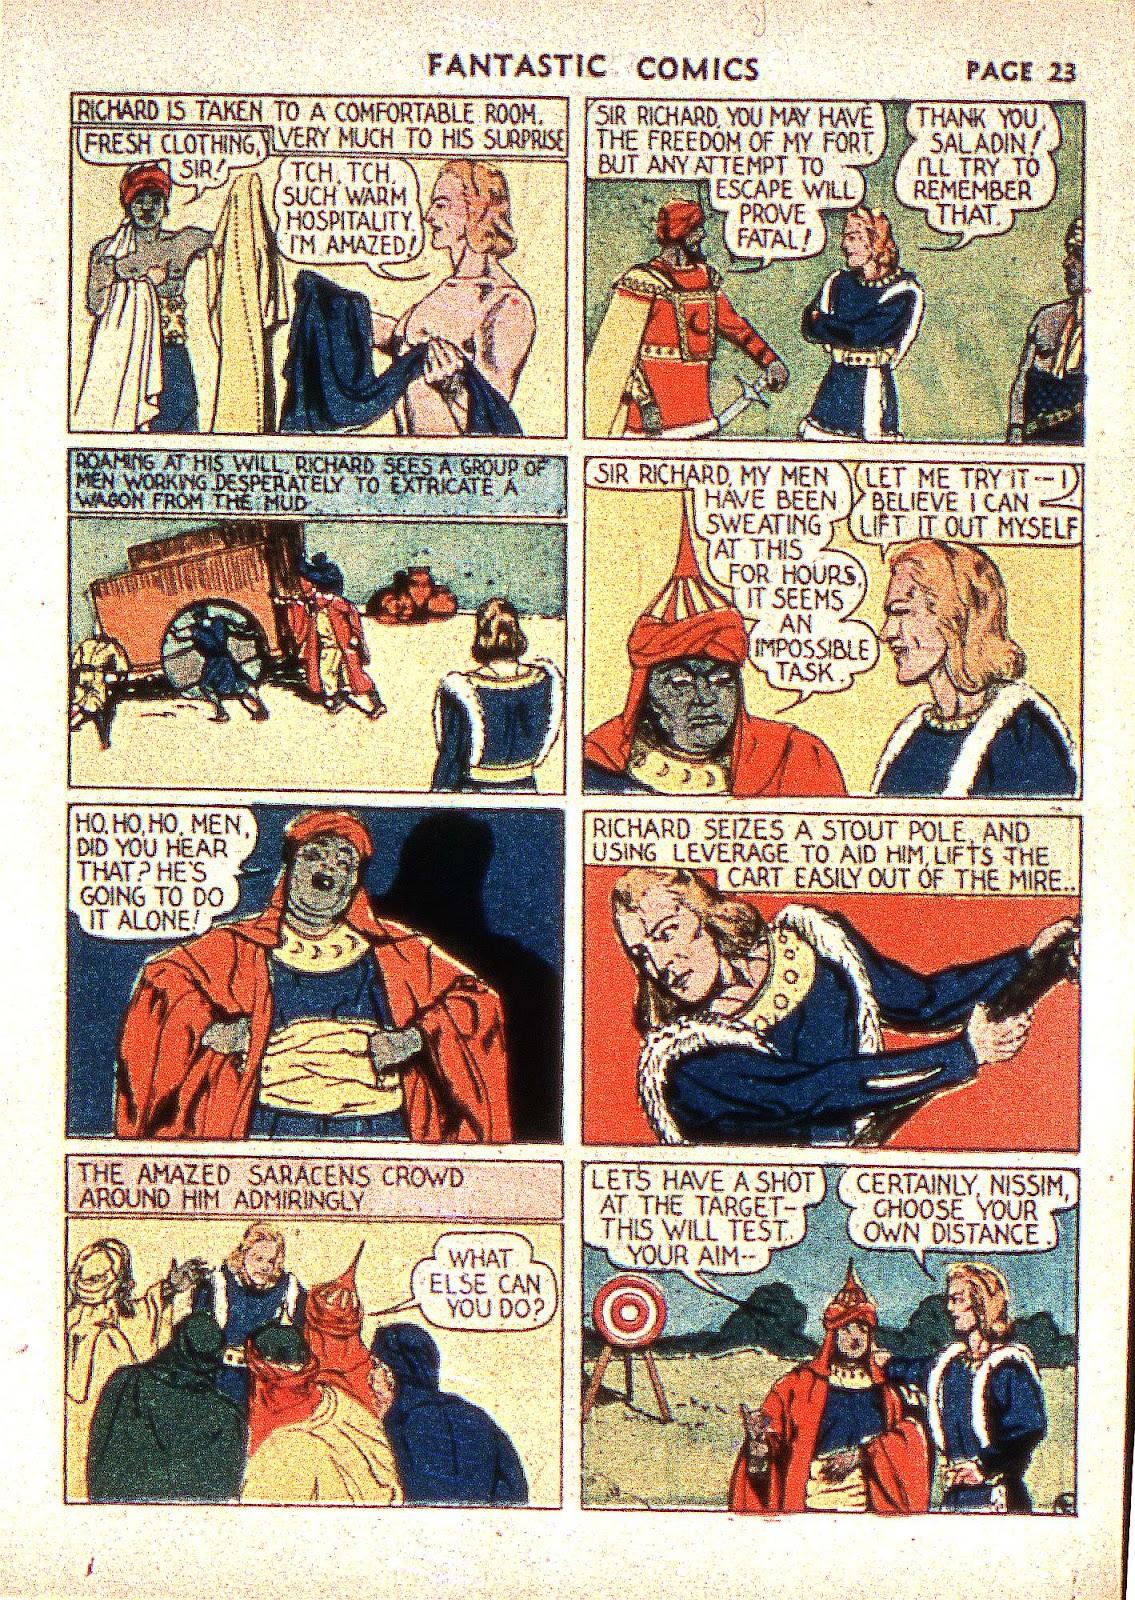 Read online Fantastic Comics comic -  Issue #2 - 25